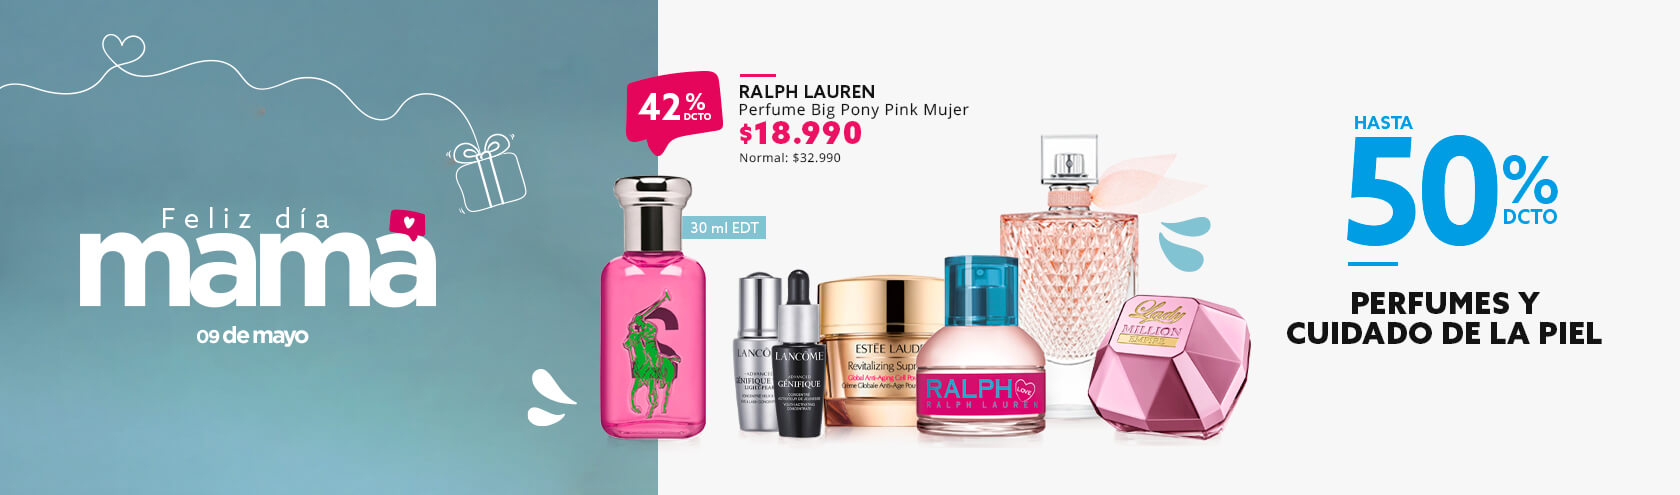 Hasta 50 porciento de descuento Perfumes y cuidado de la piel